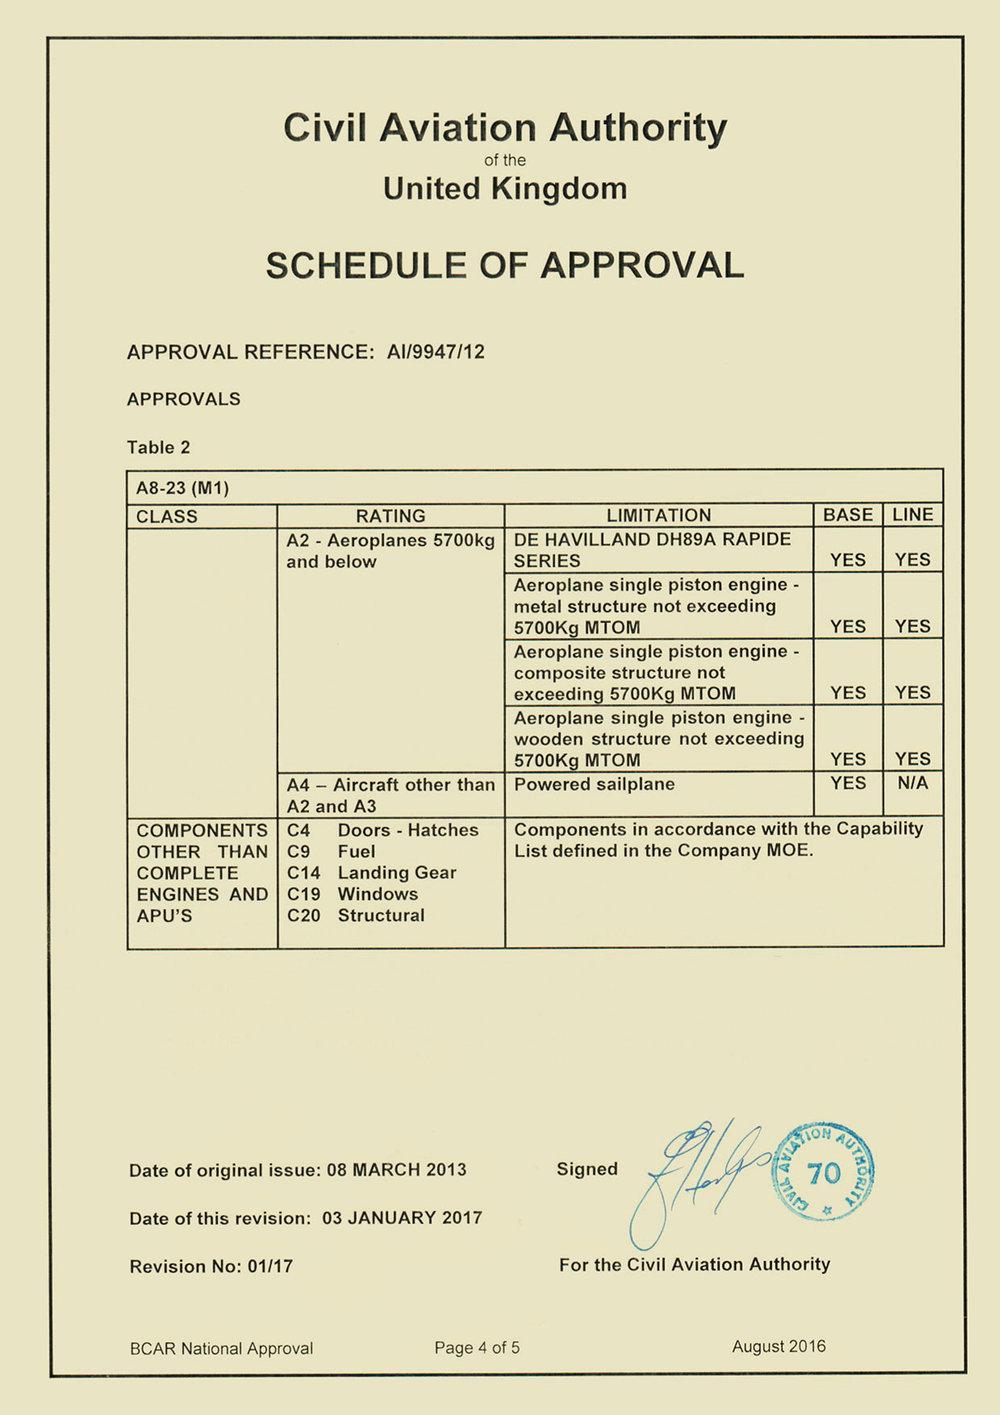 CAA-approval-04.jpg